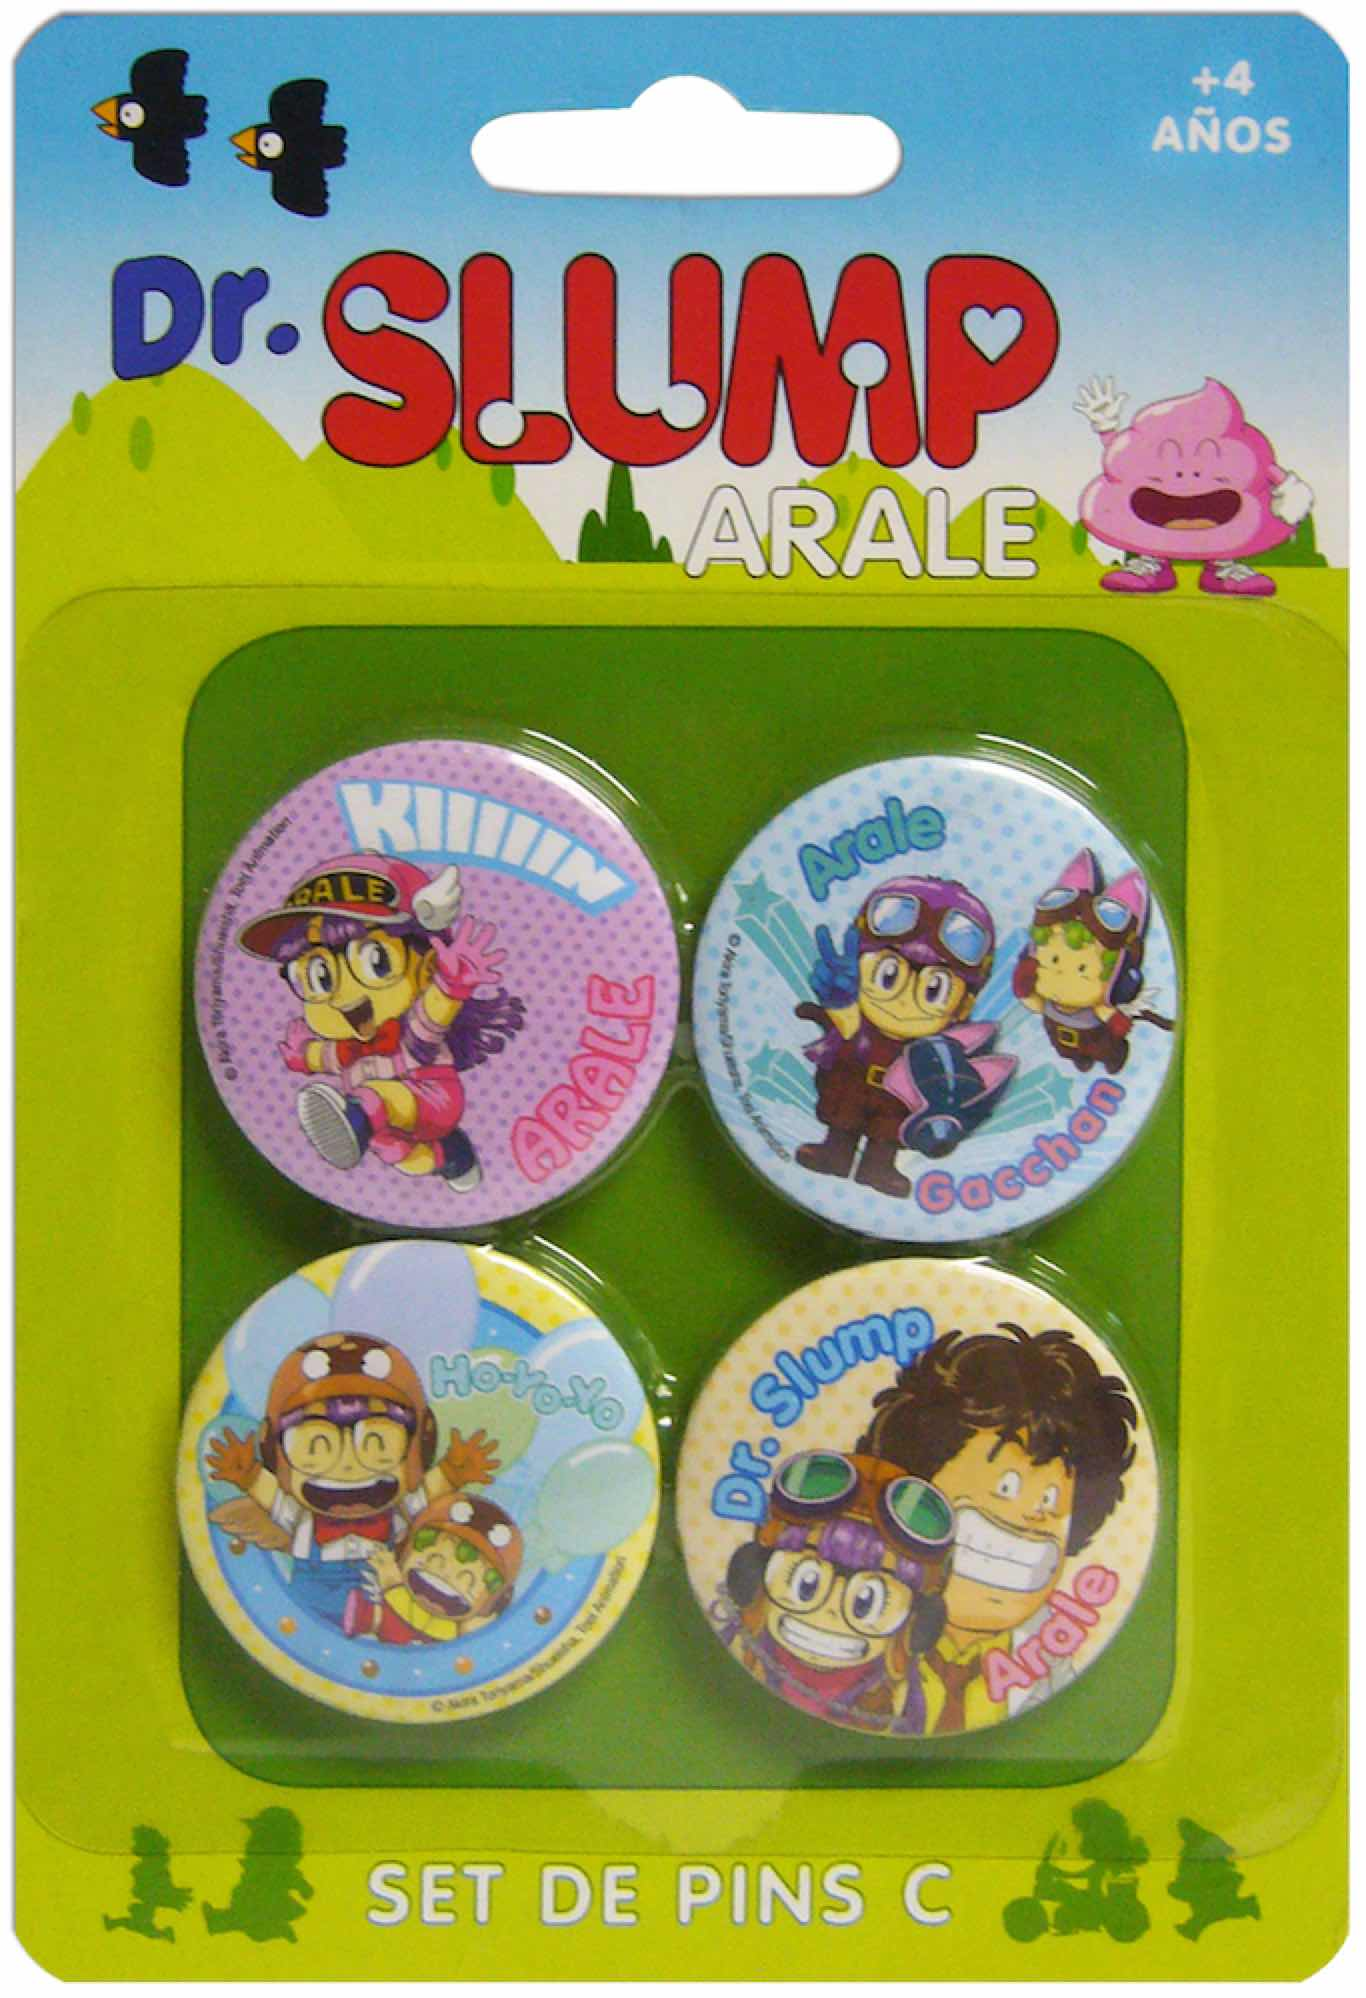 DR SLUMP PERSONAJES SET C DE 4 PINS DR SLUMP